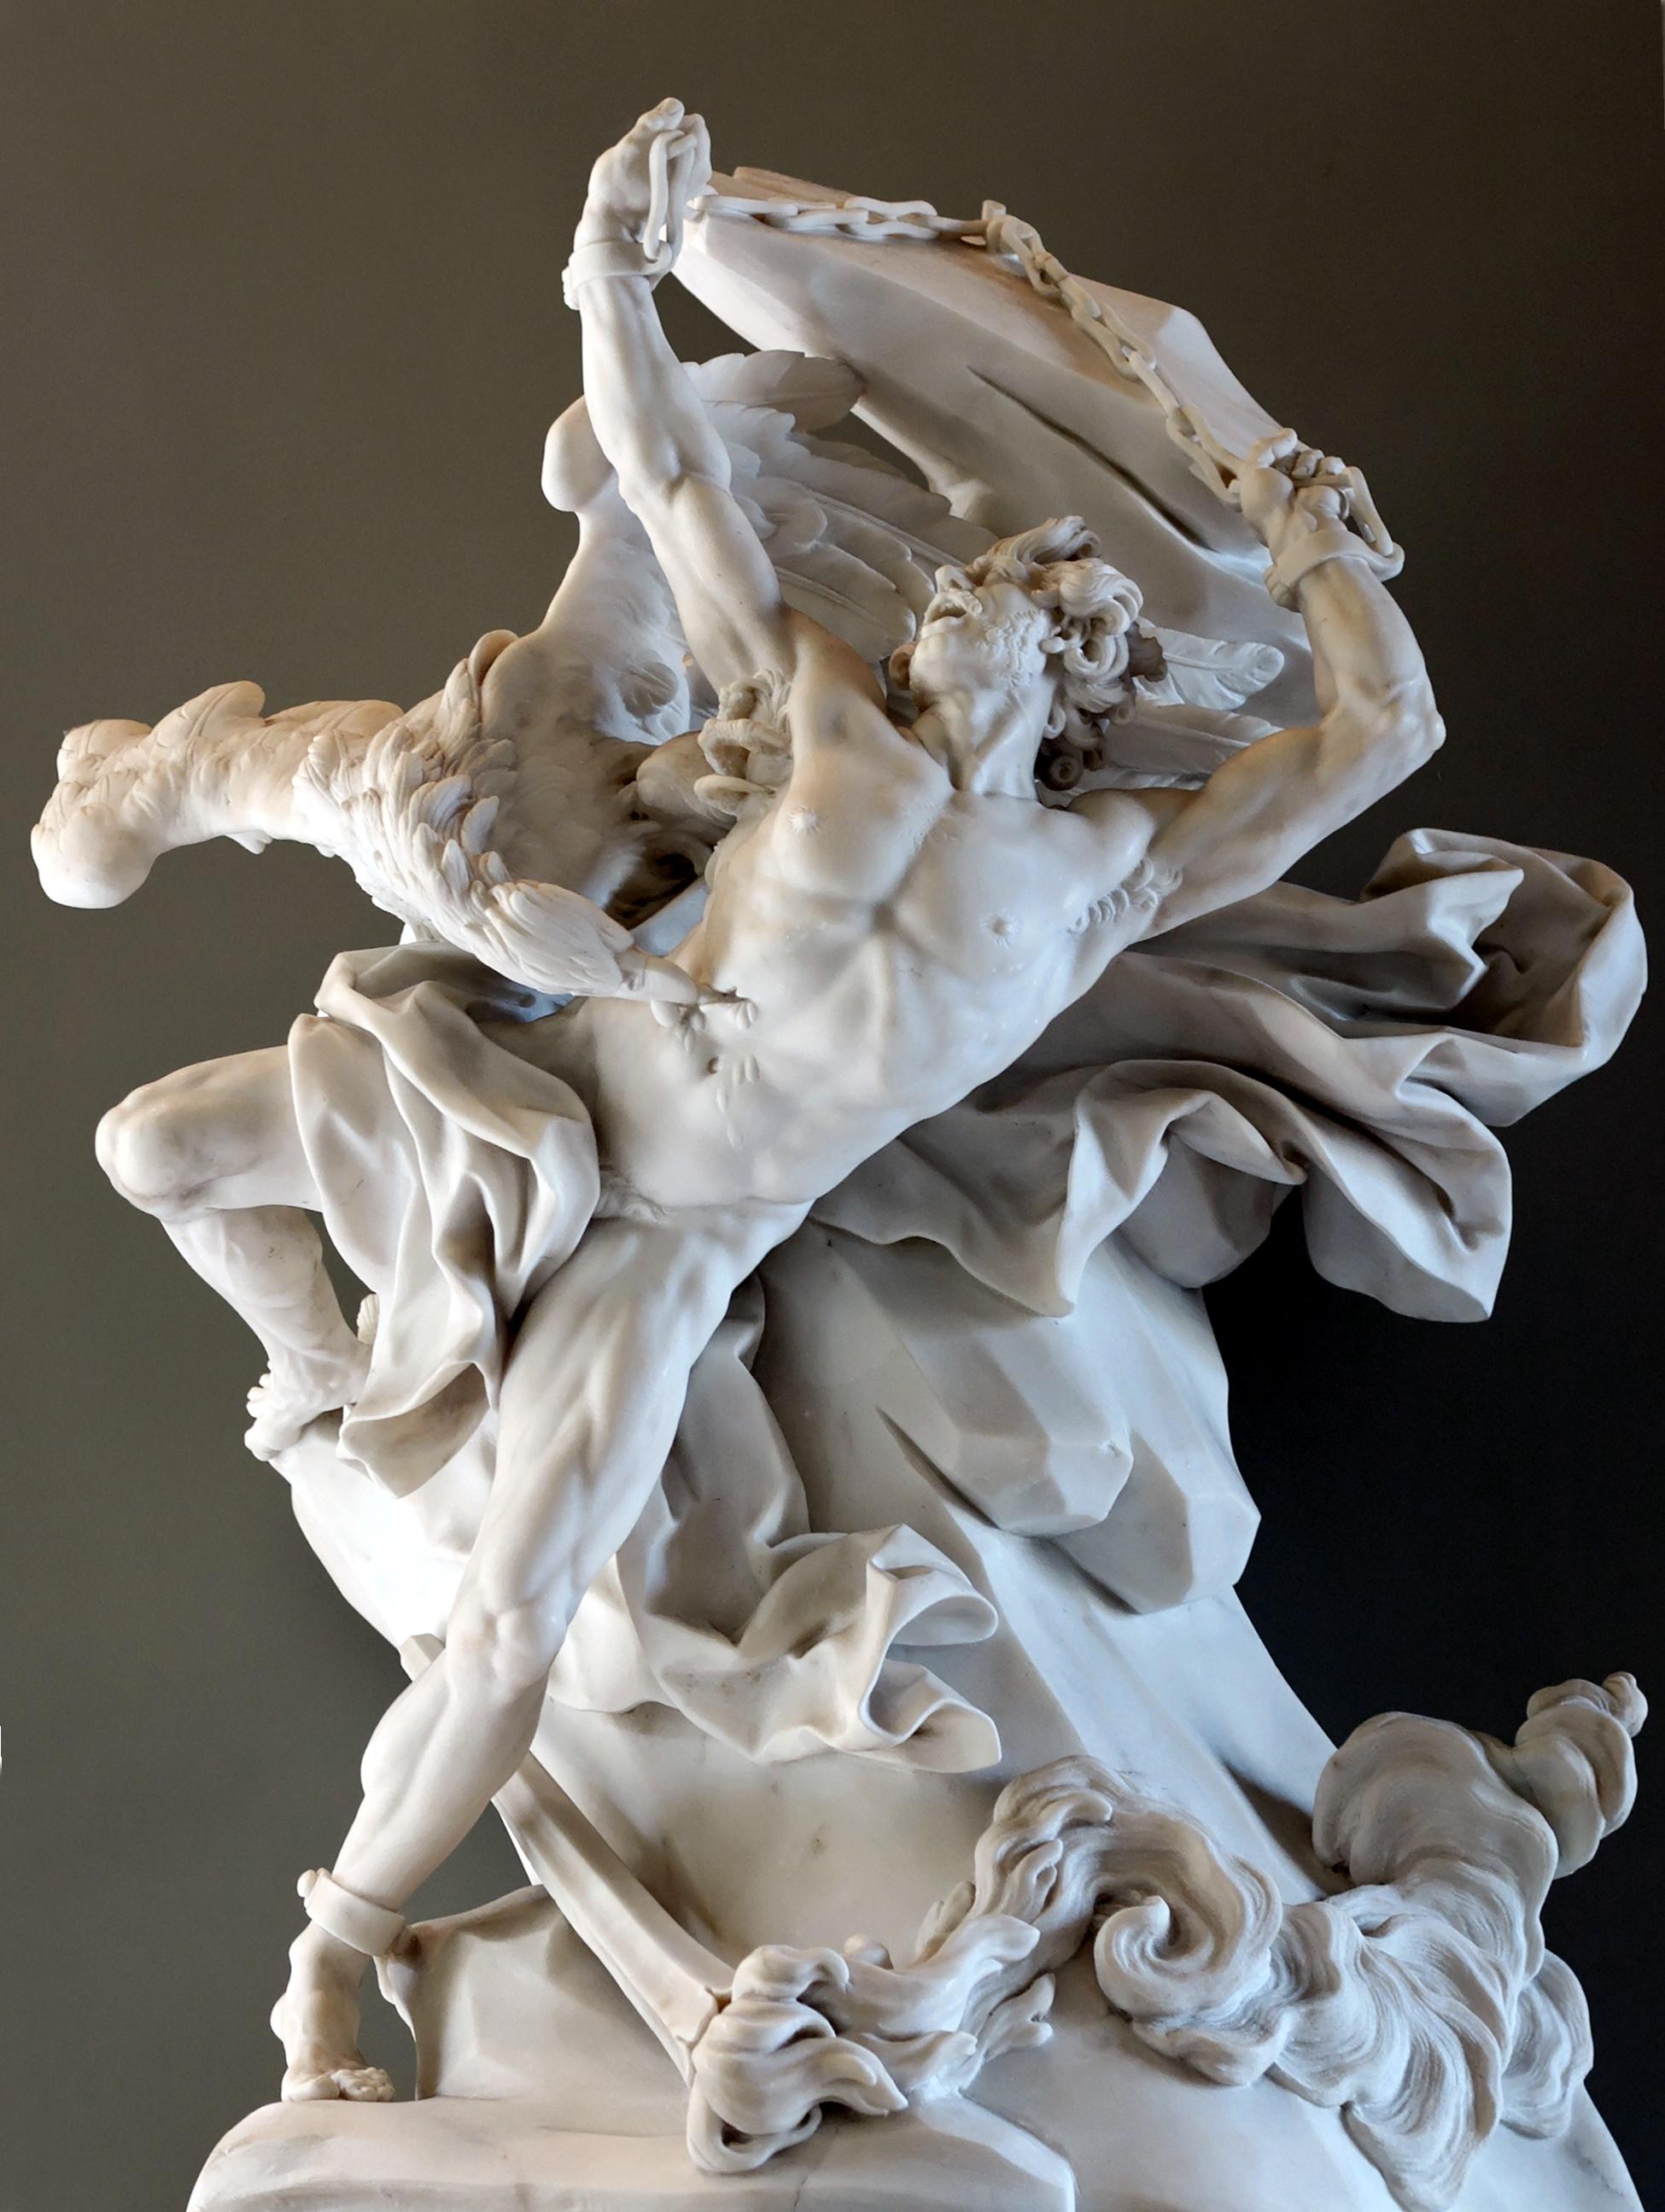 Αποτέλεσμα εικόνας για prometheus statue